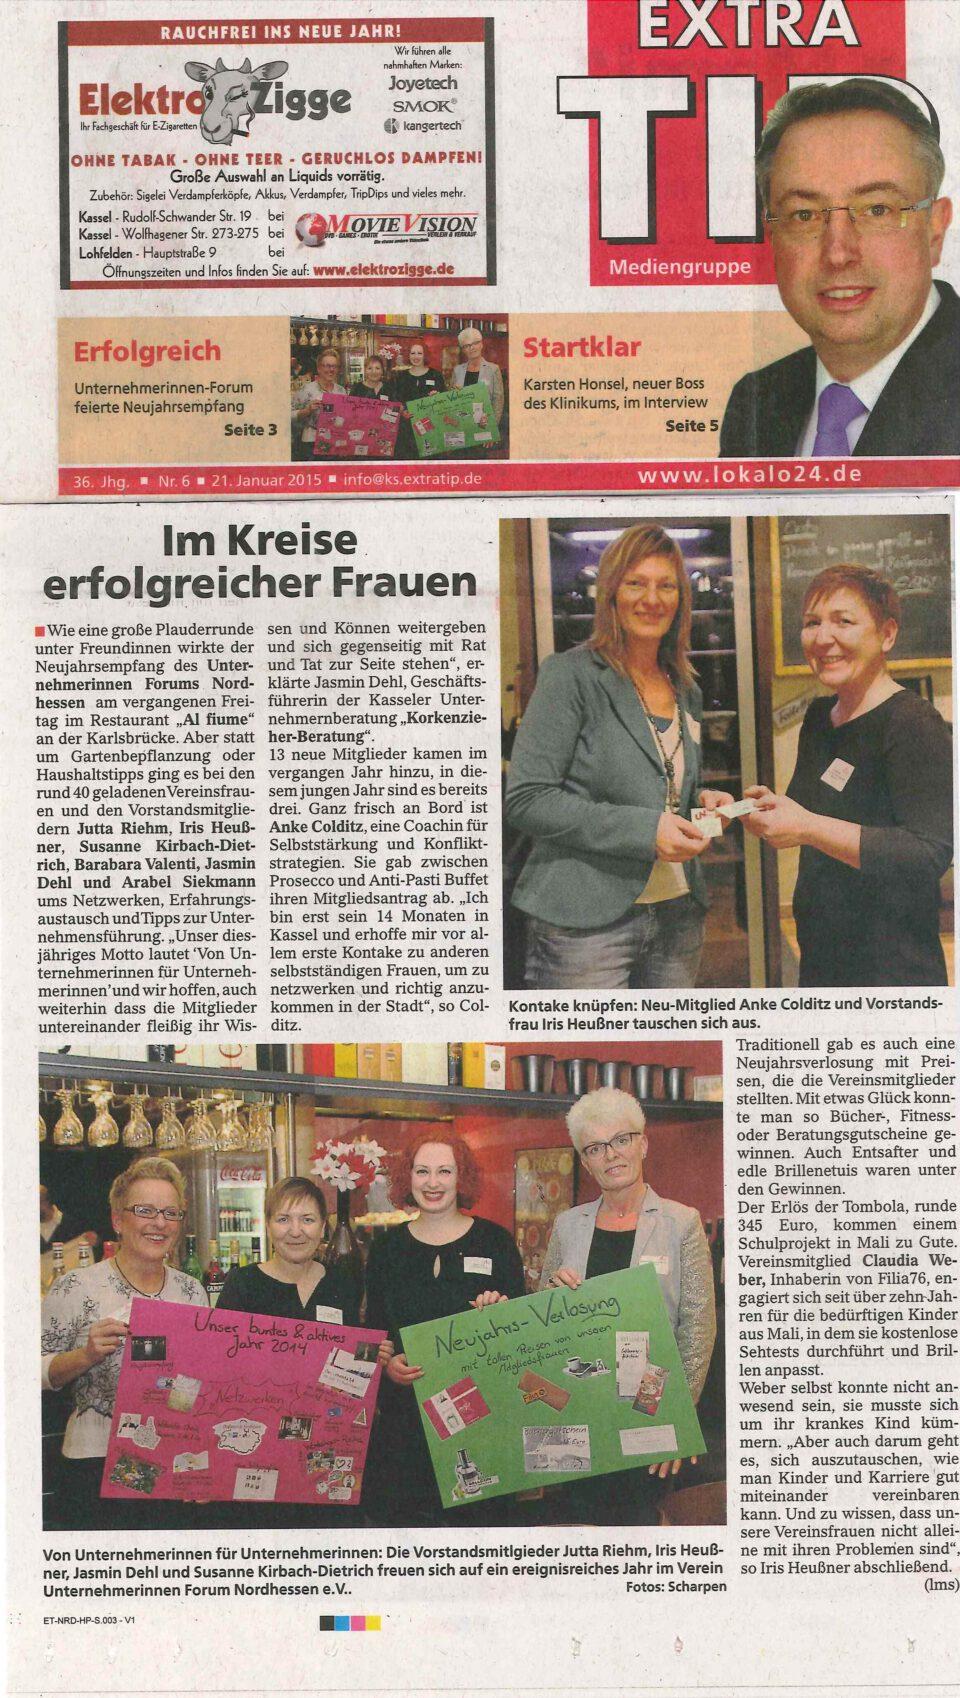 Ehrenamtliches Engagement für Unternehmerinnen in Nordhessen